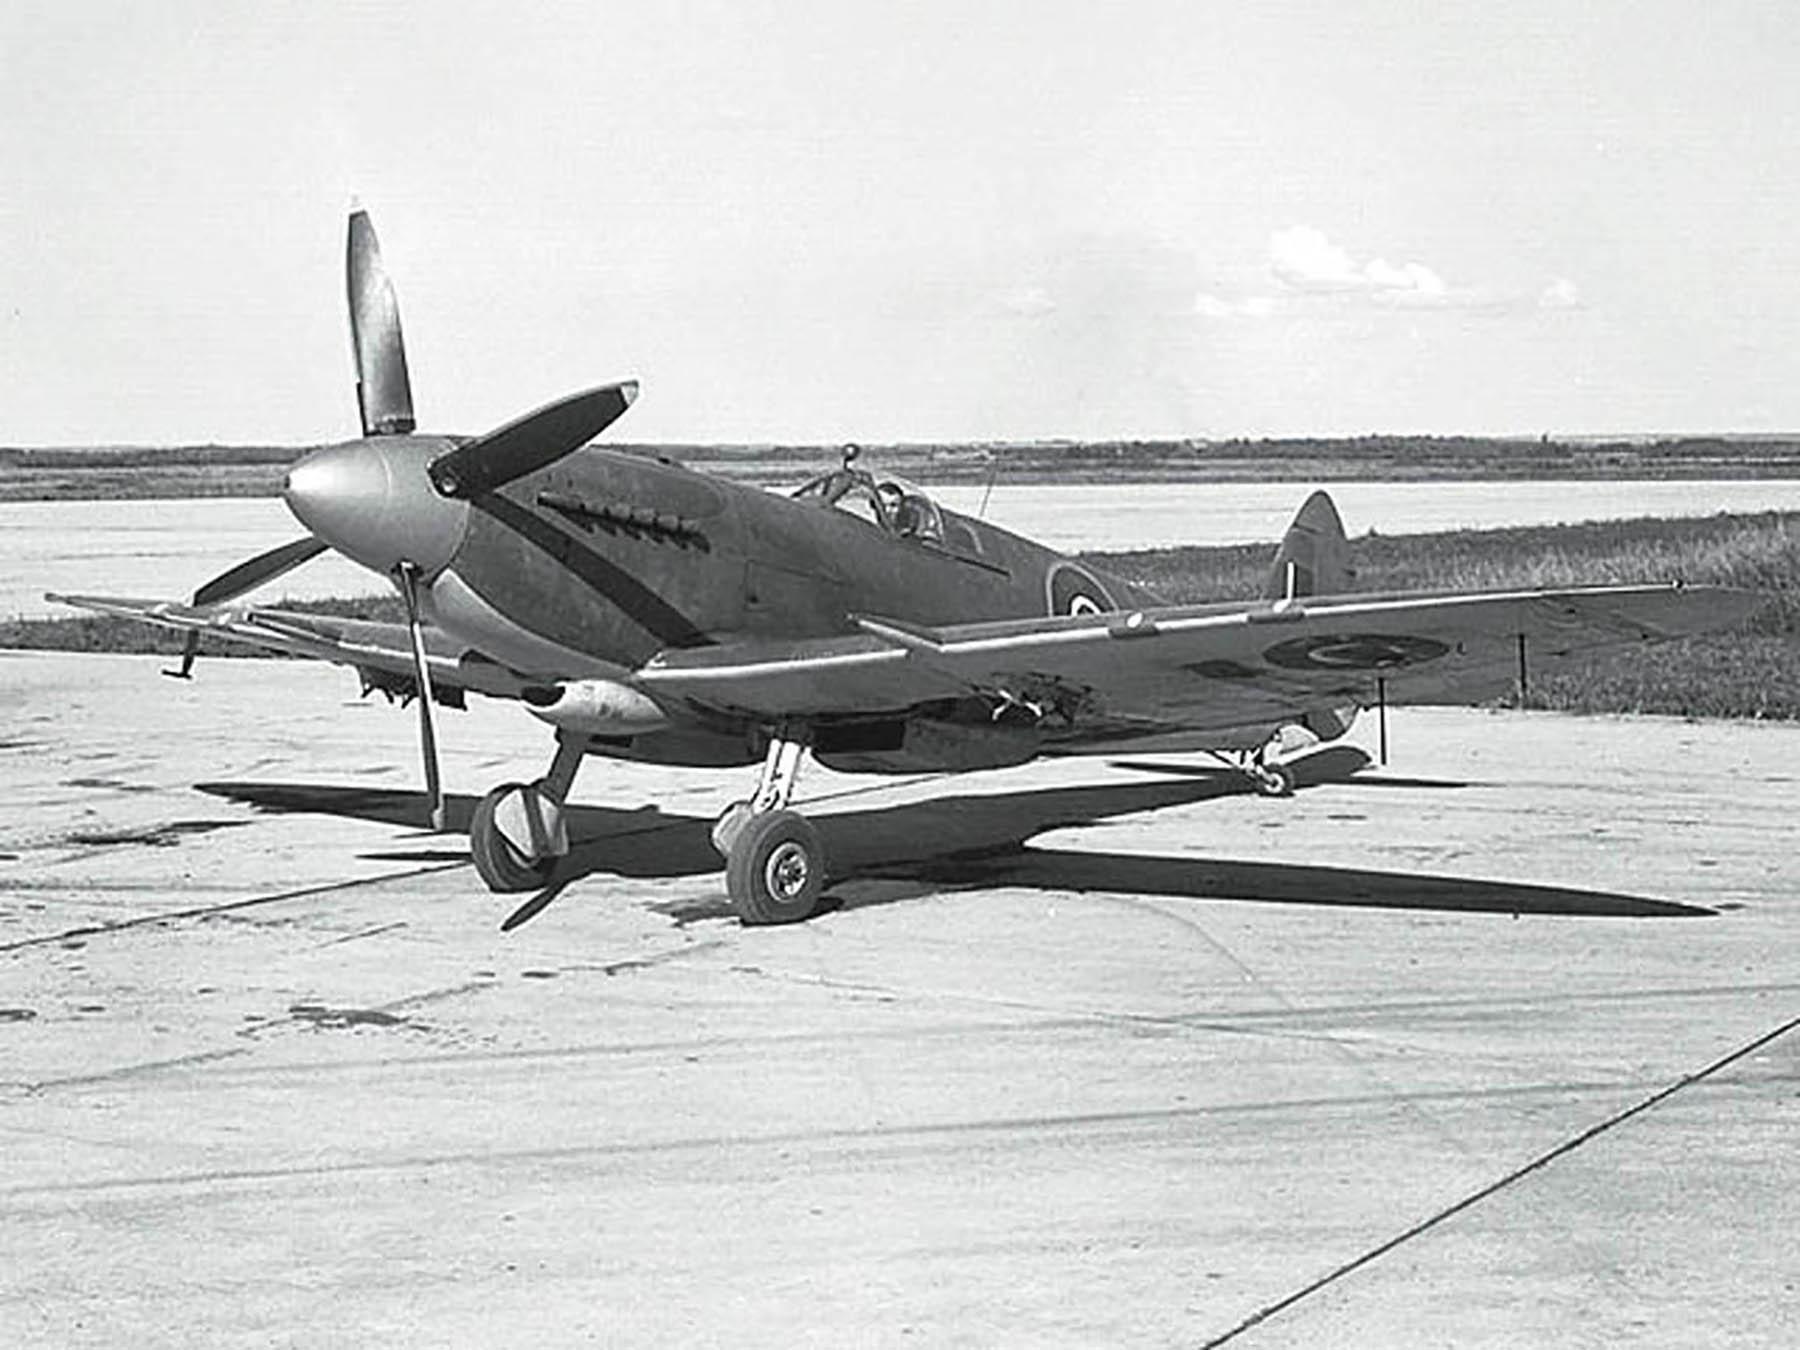 Supermarine Seafire XV RCAF 01